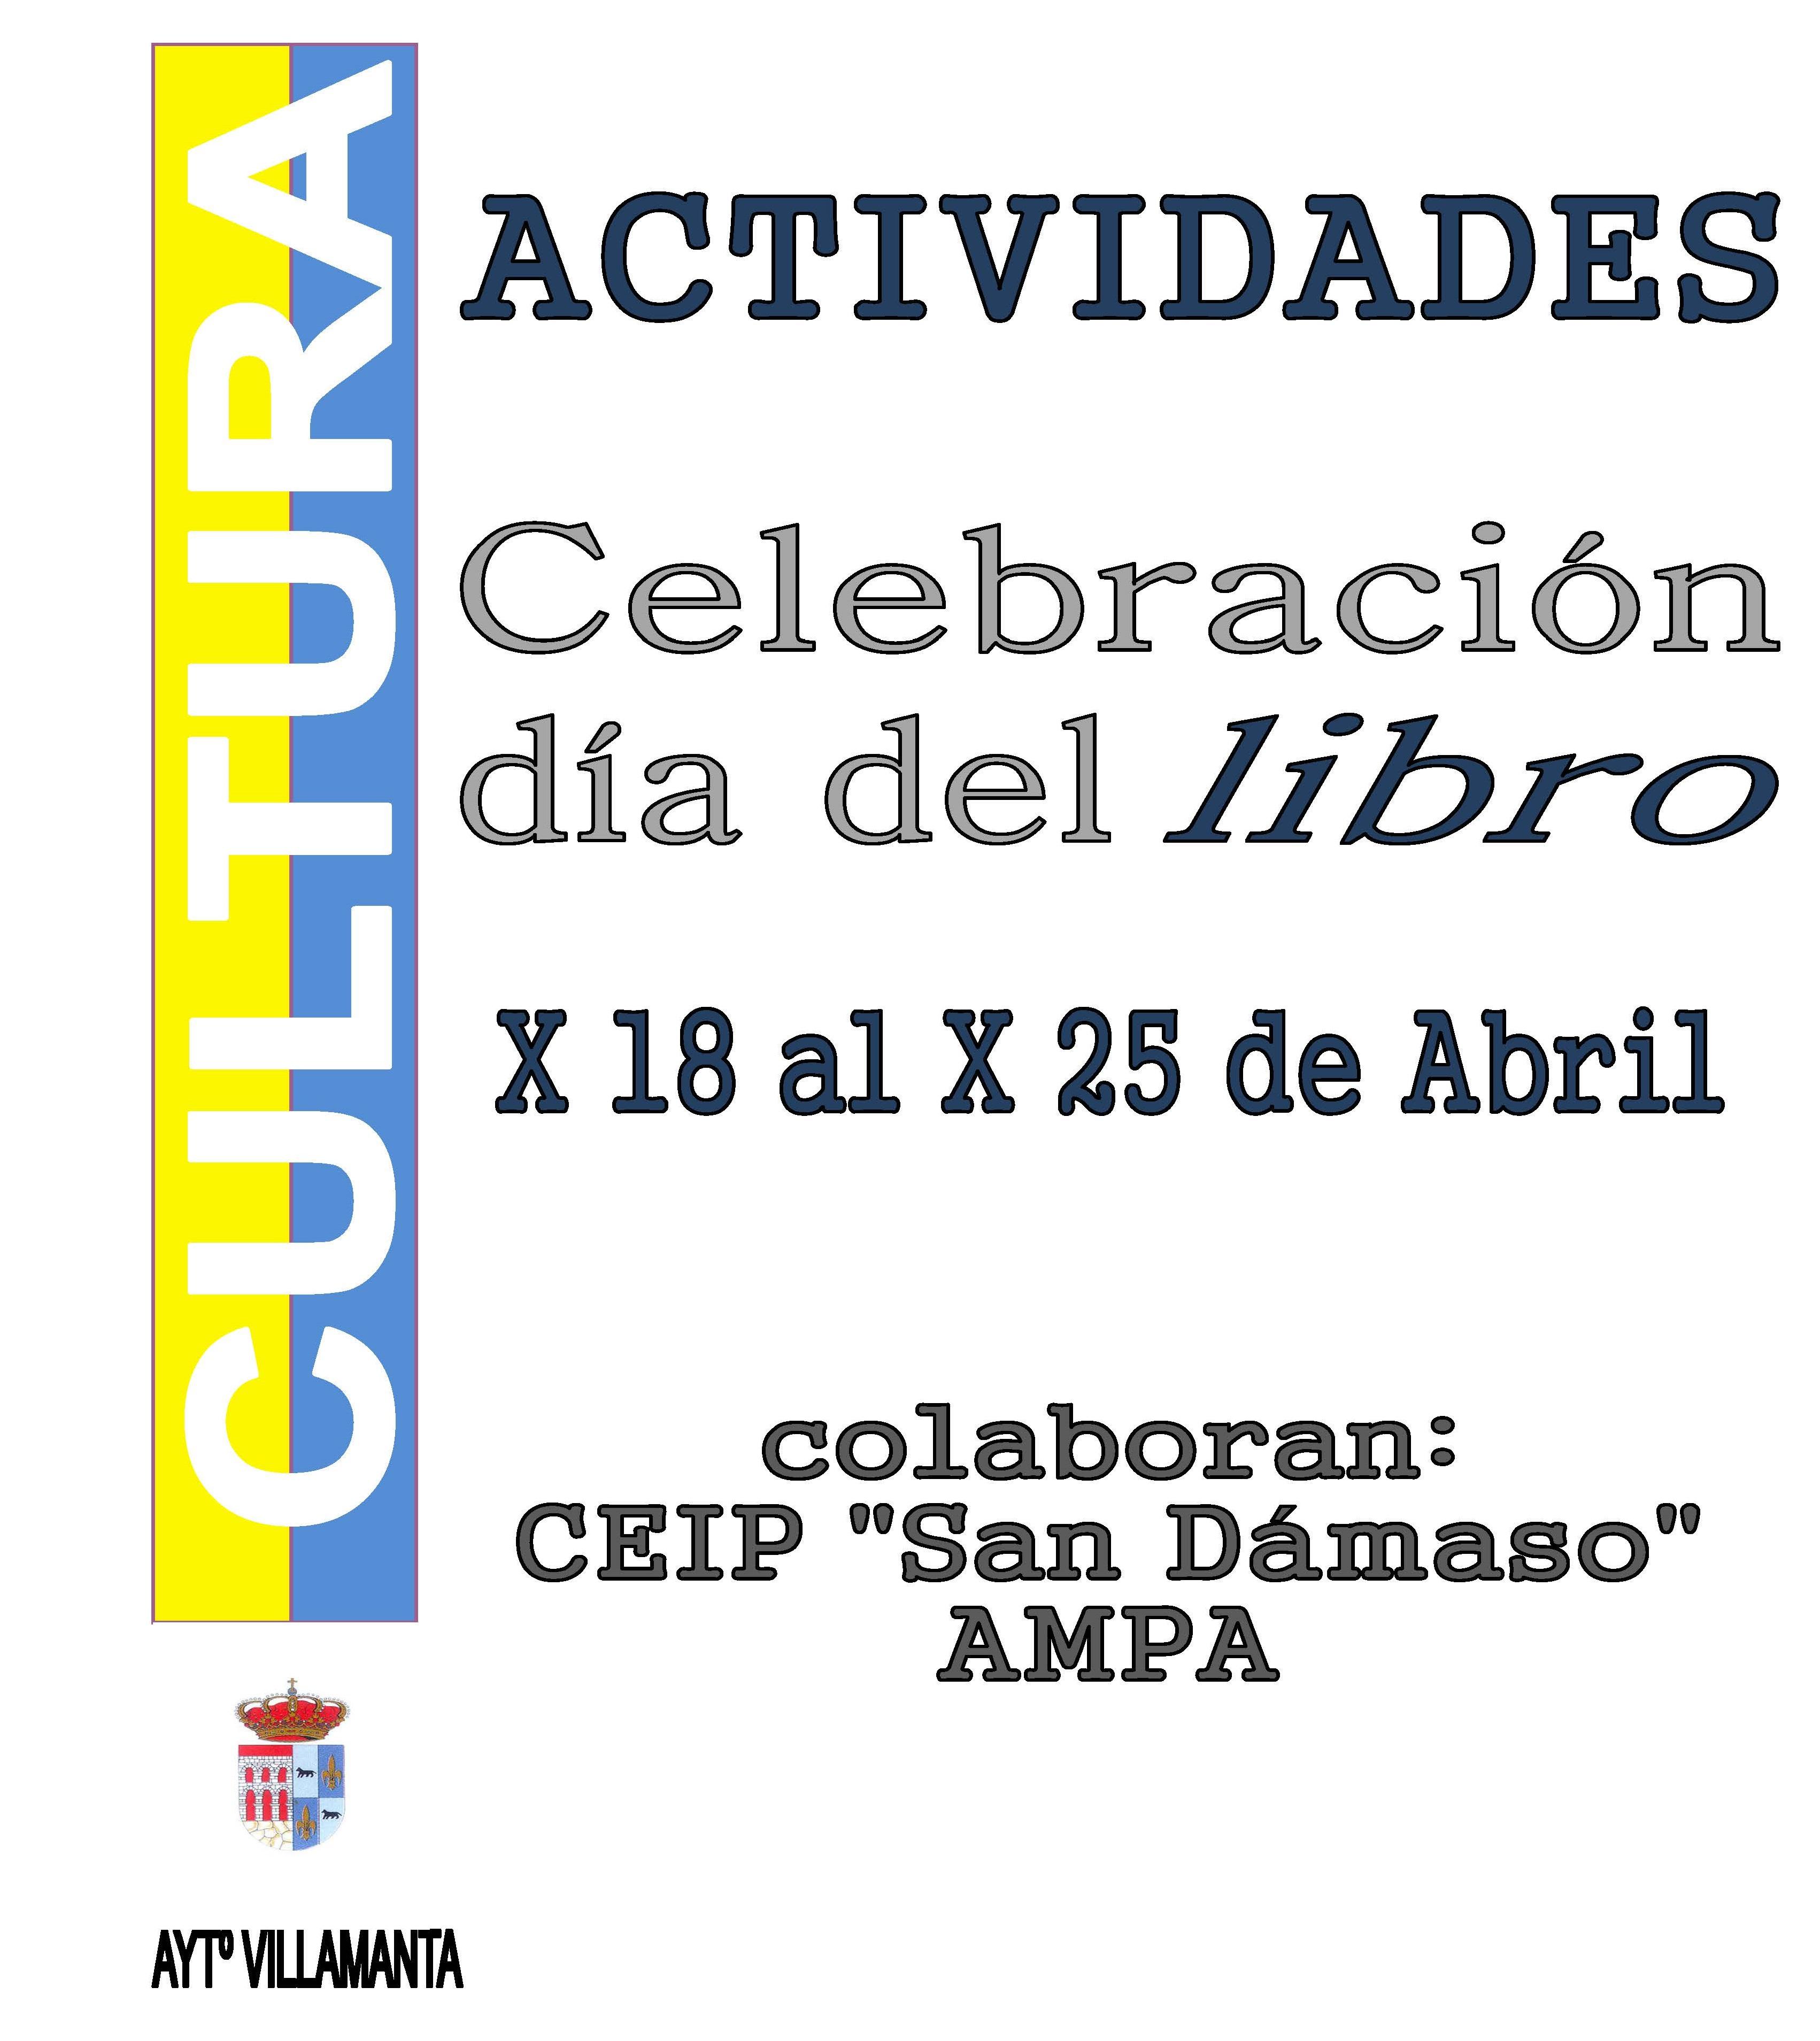 Celebración día del libro del 18 al 25 de abril